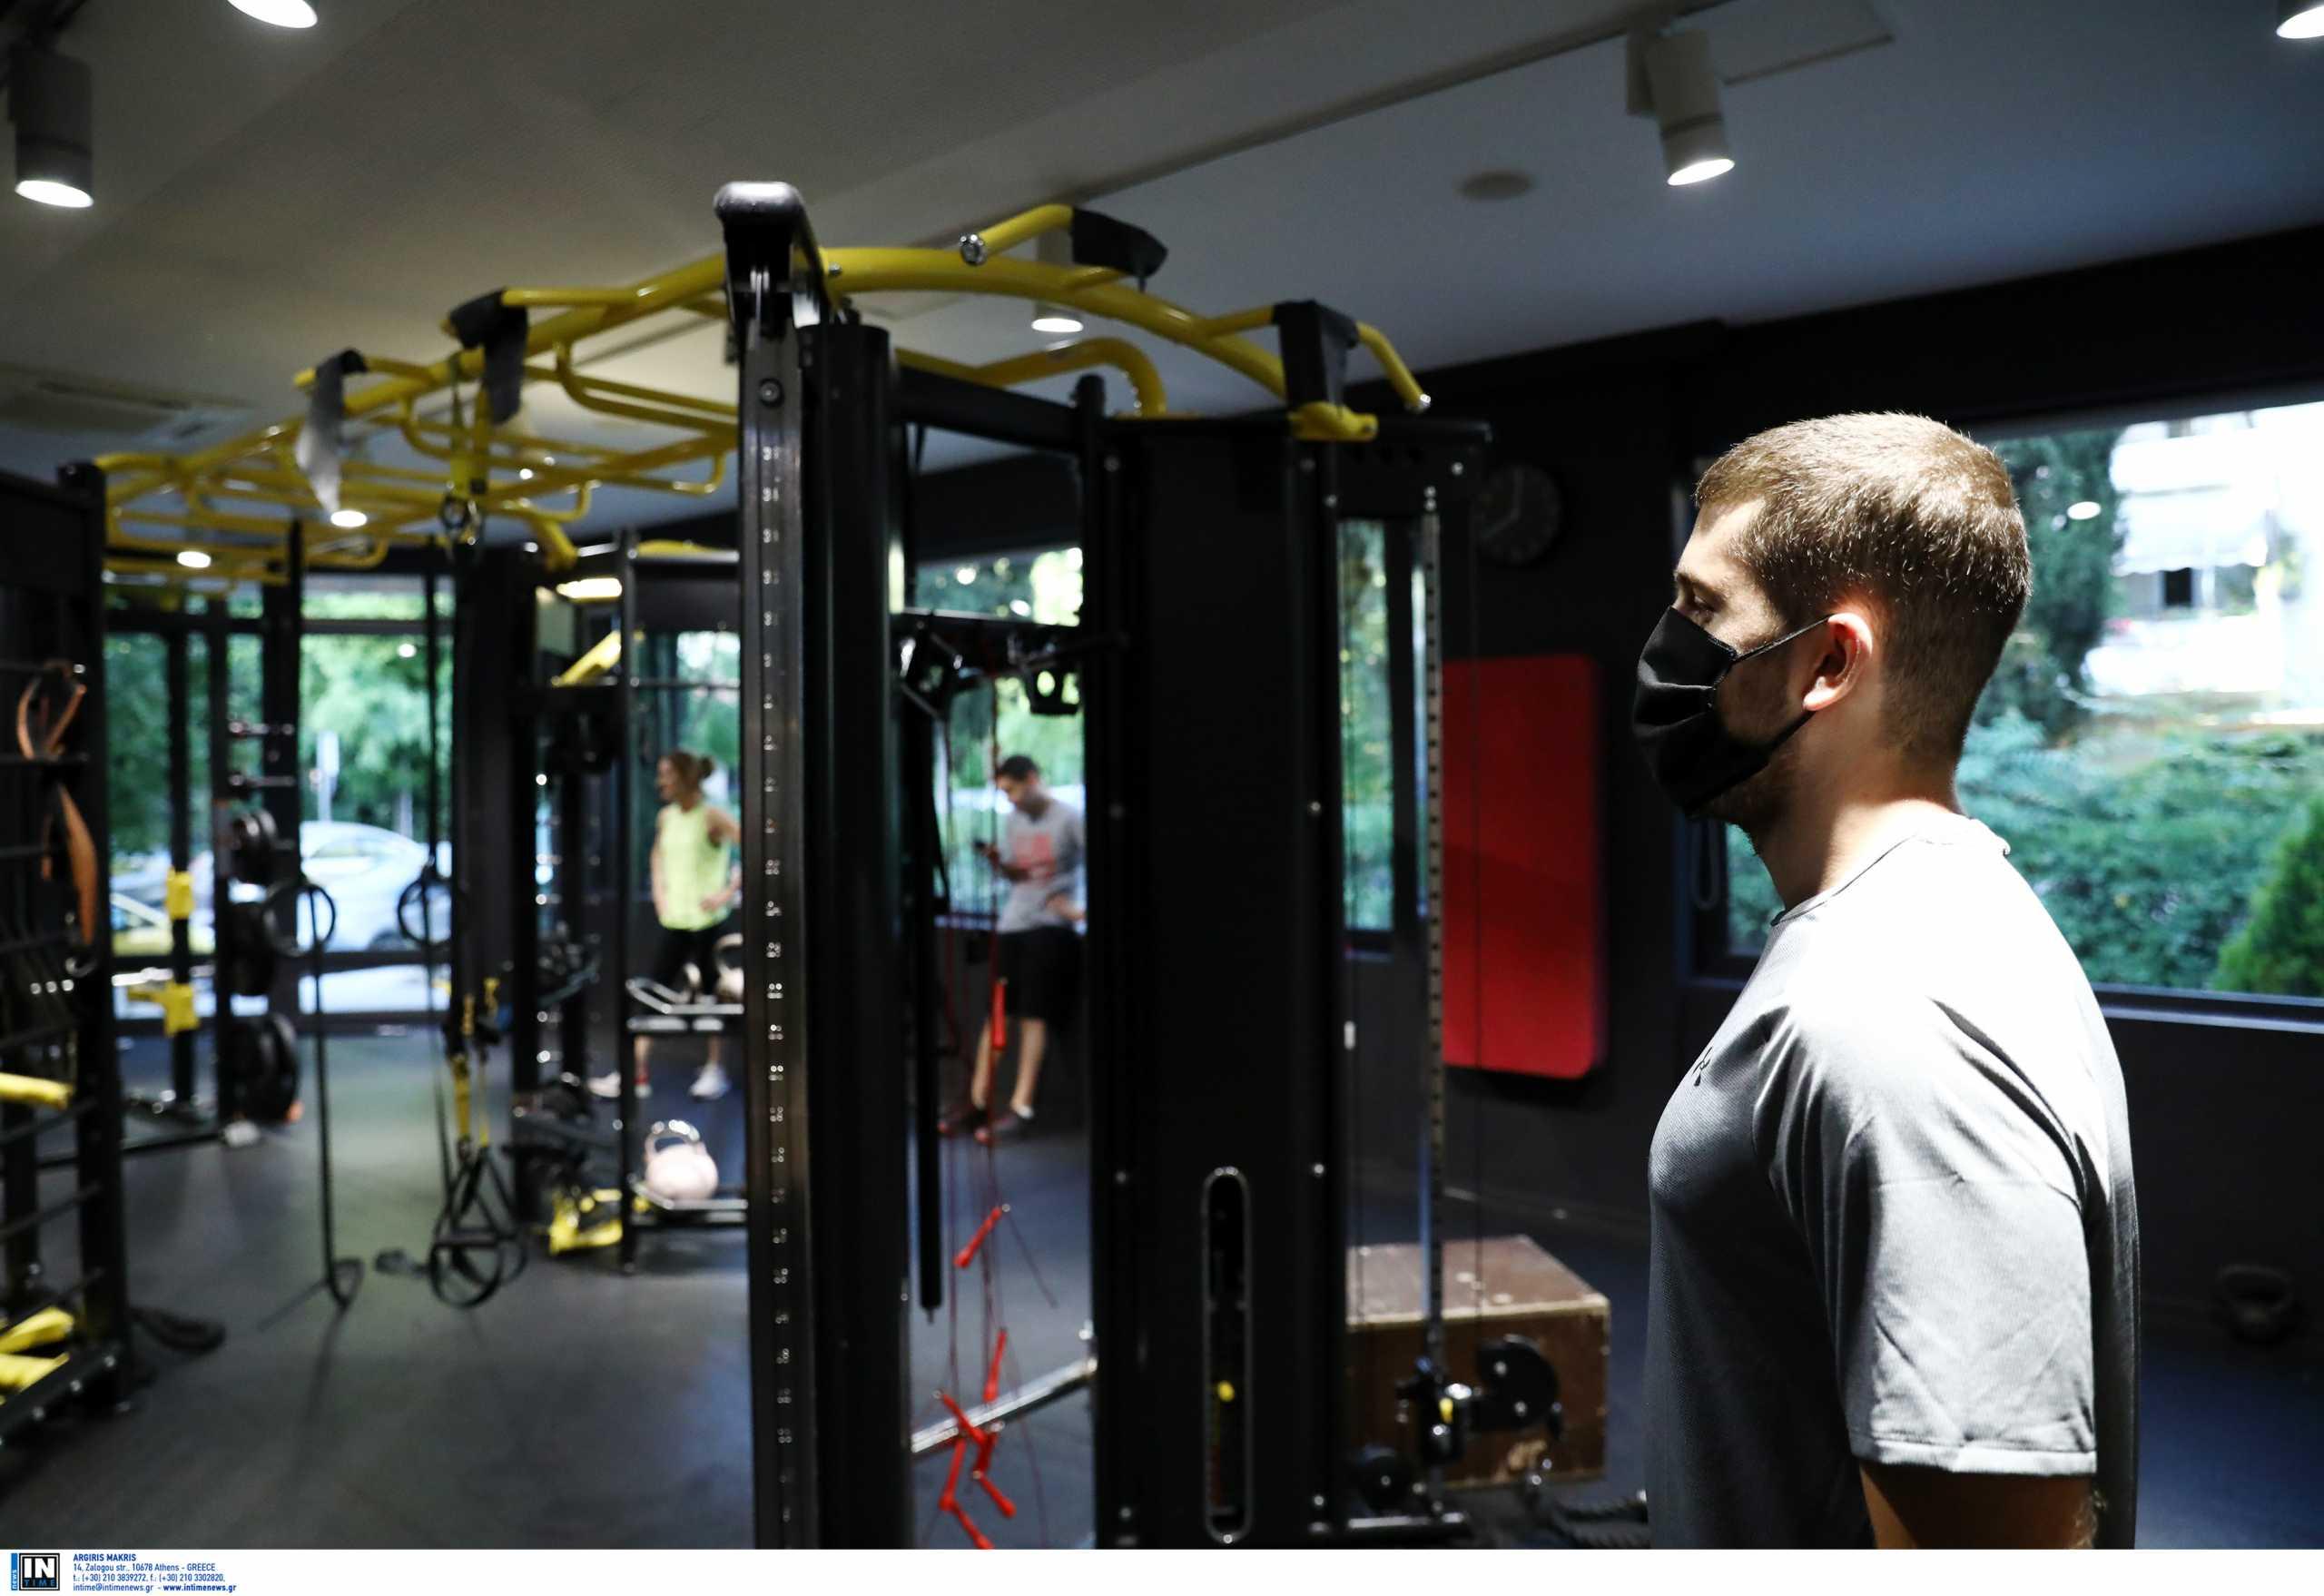 Έρχεται επιδότηση ενοικίων και στα γυμναστήρια – Τι εξετάζει η κυβέρνηση